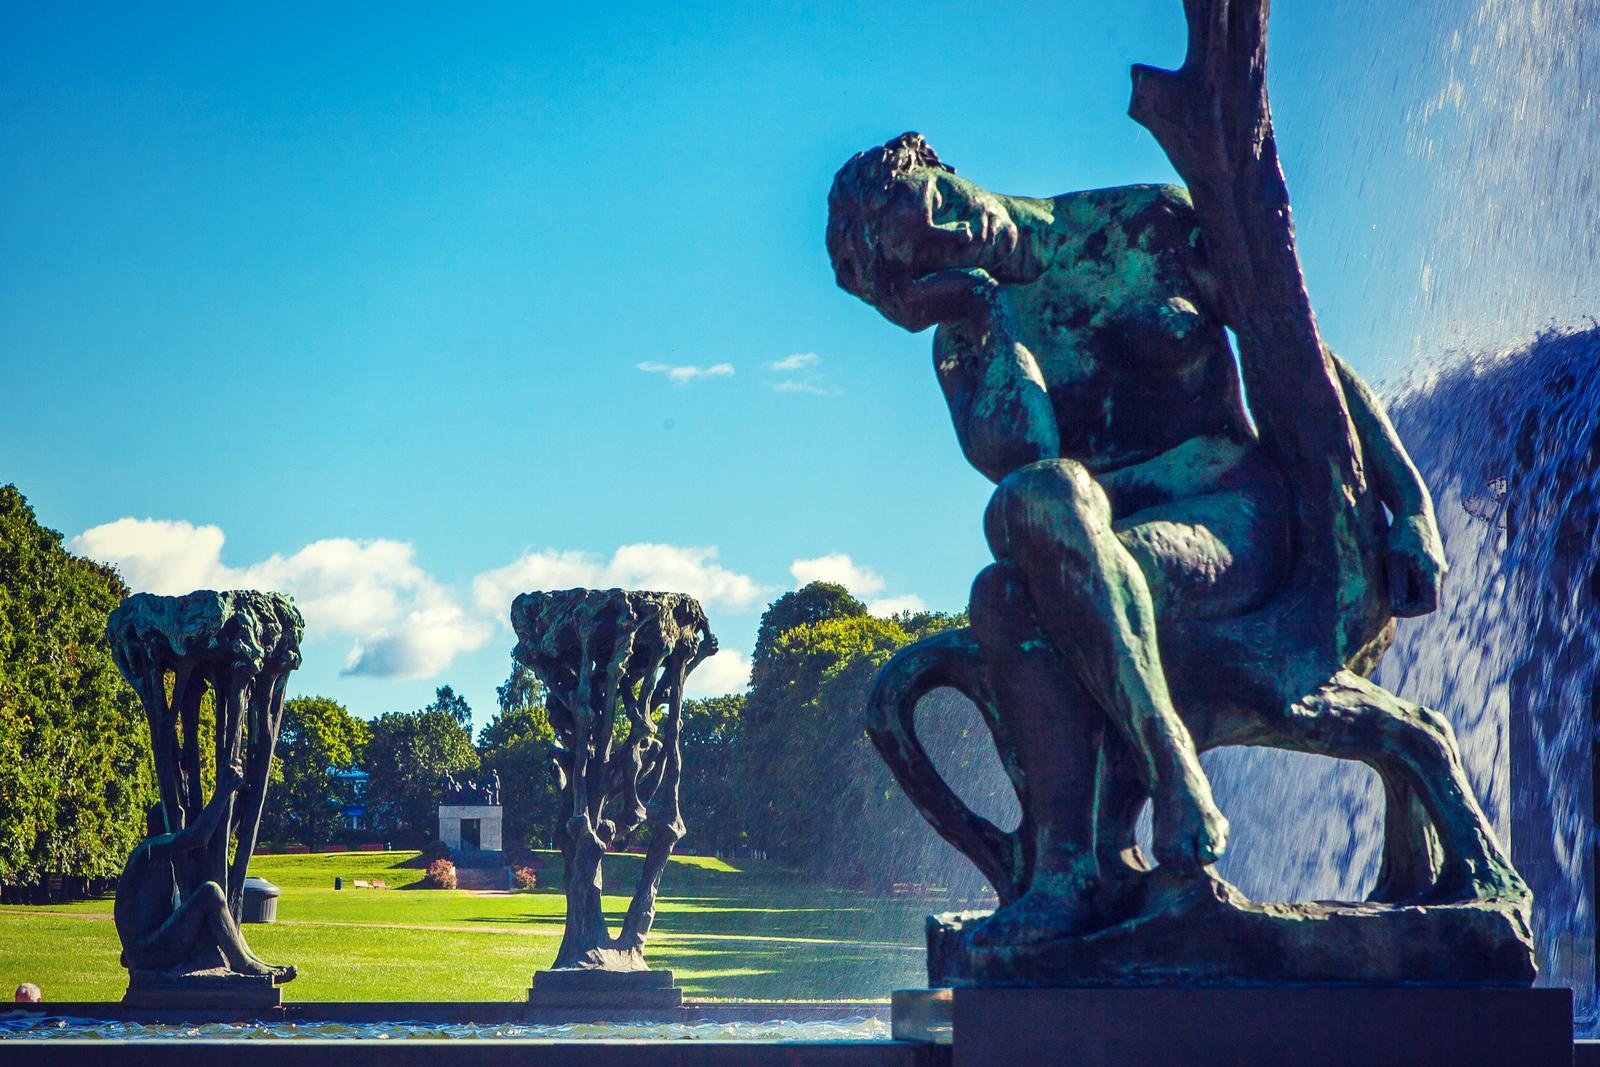 挪威维格兰雕塑公园,风格明显